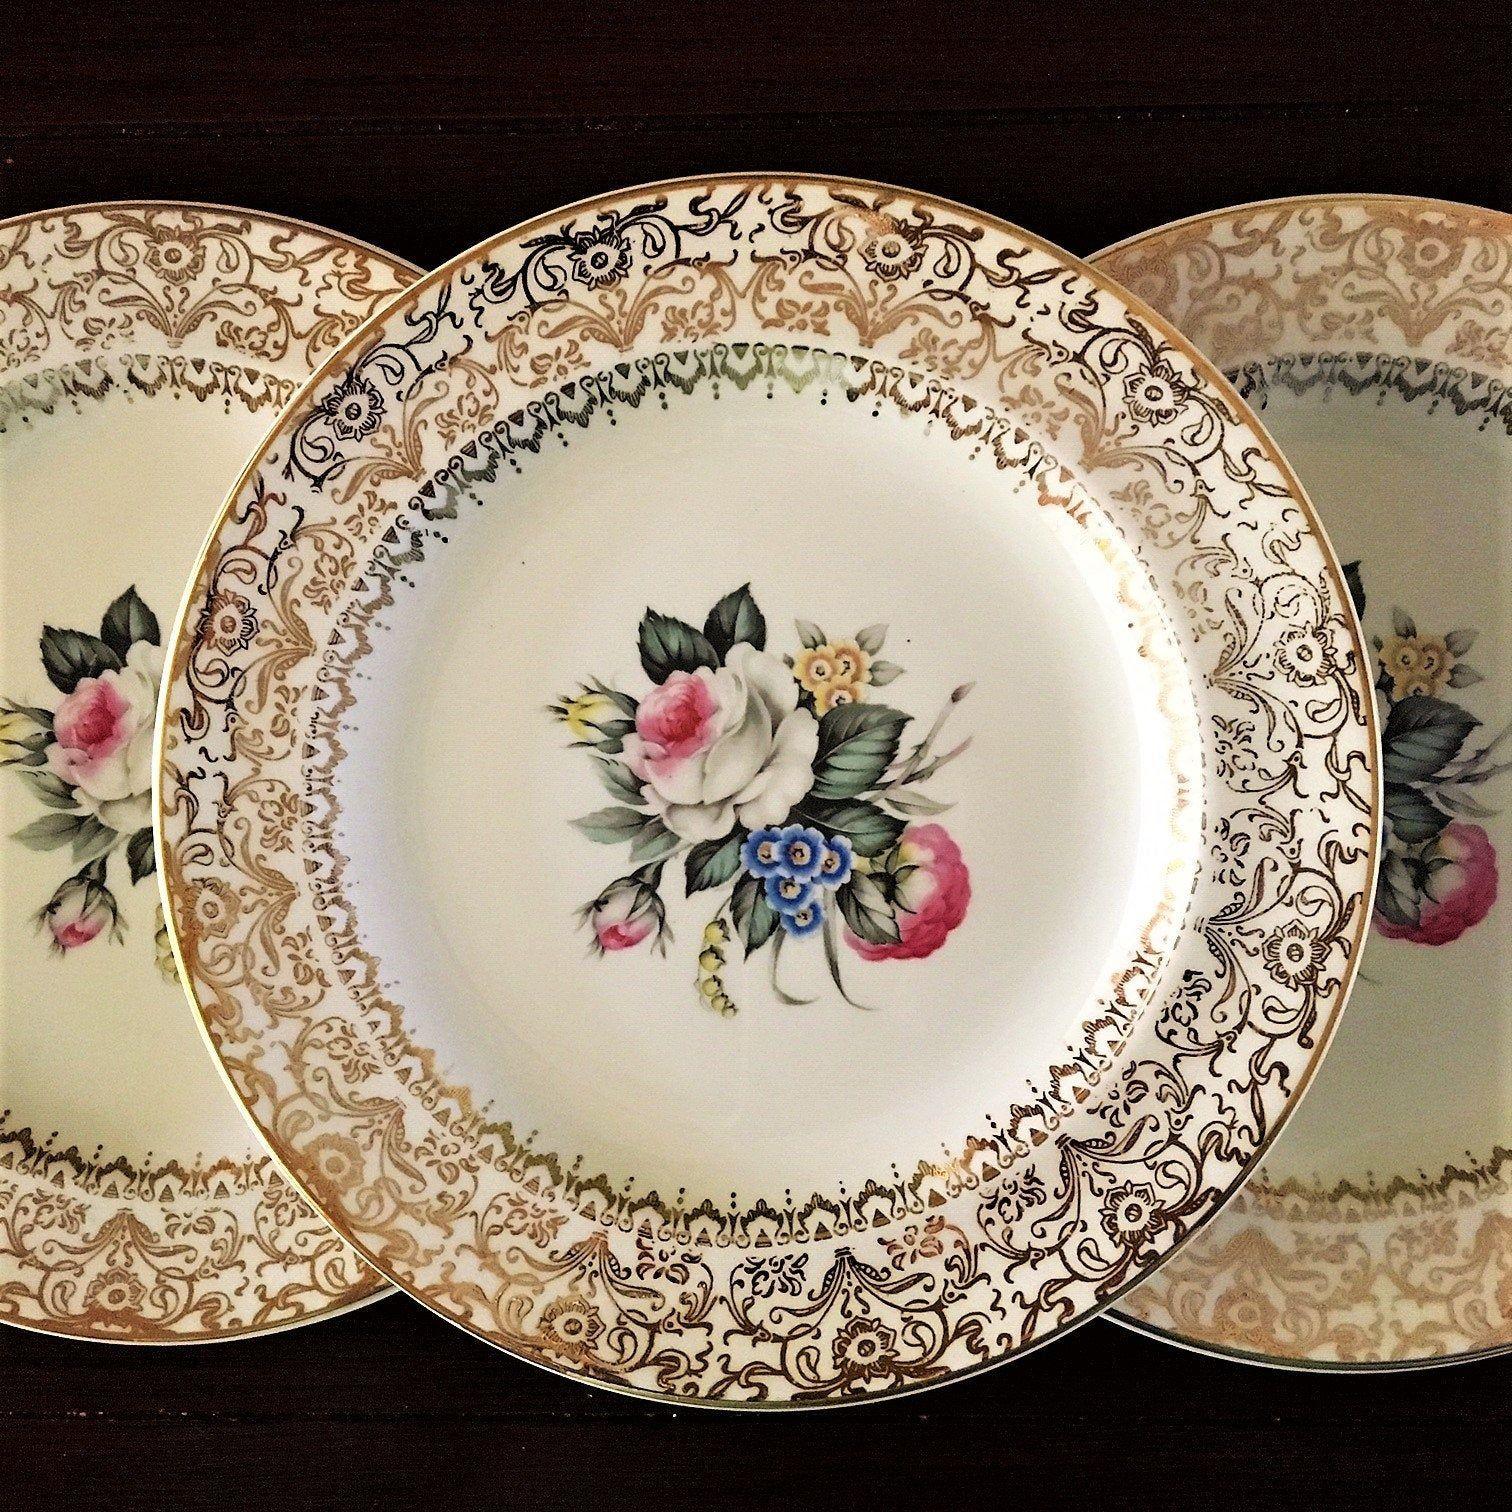 Dessertcake plate set 5 piece century by salem 23k